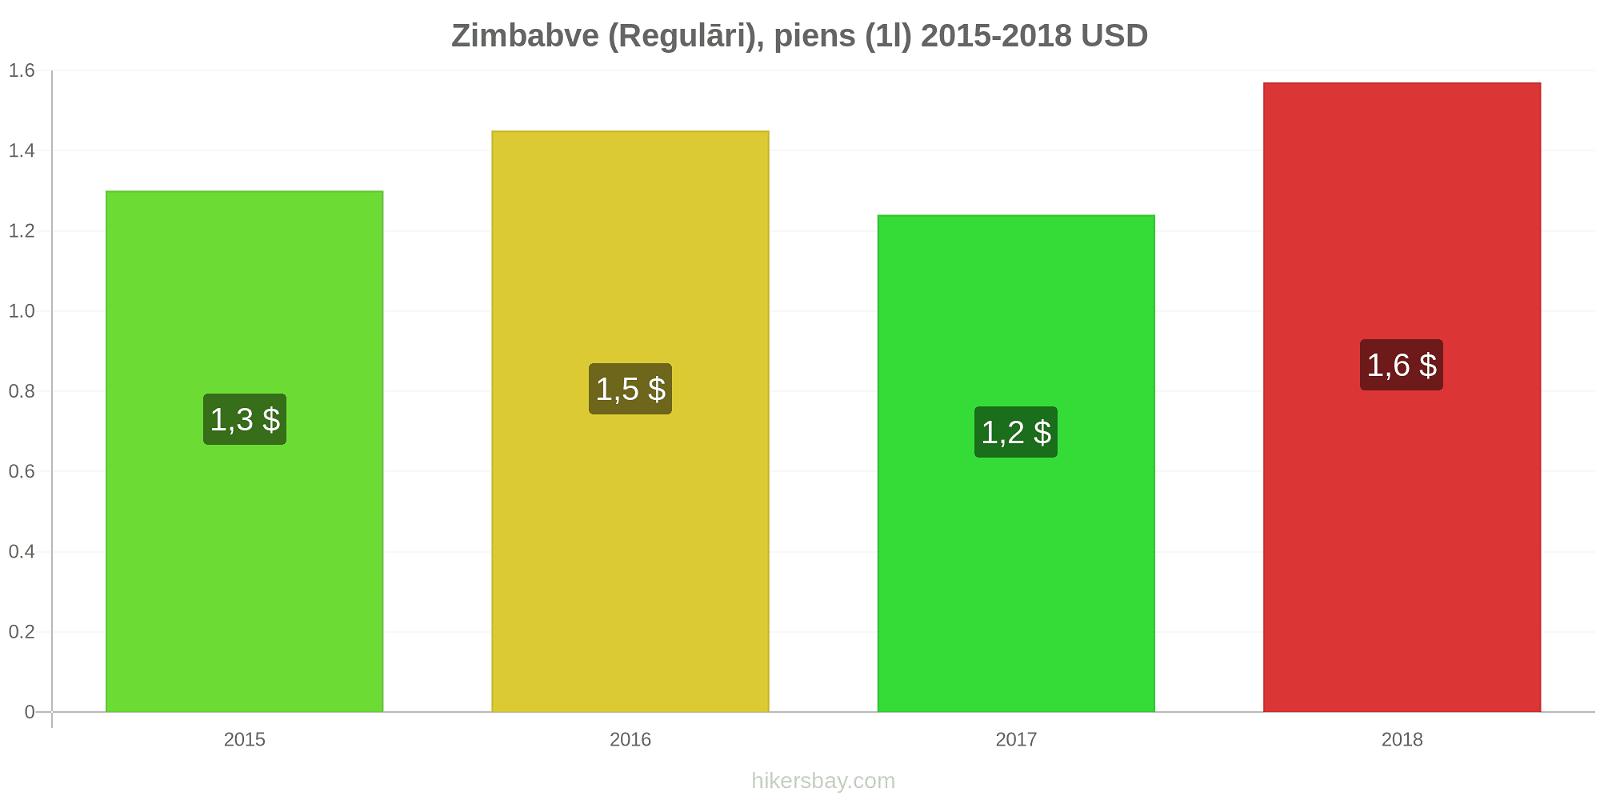 Zimbabve cenu izmaiņas (Regulāri), piens (1l) hikersbay.com